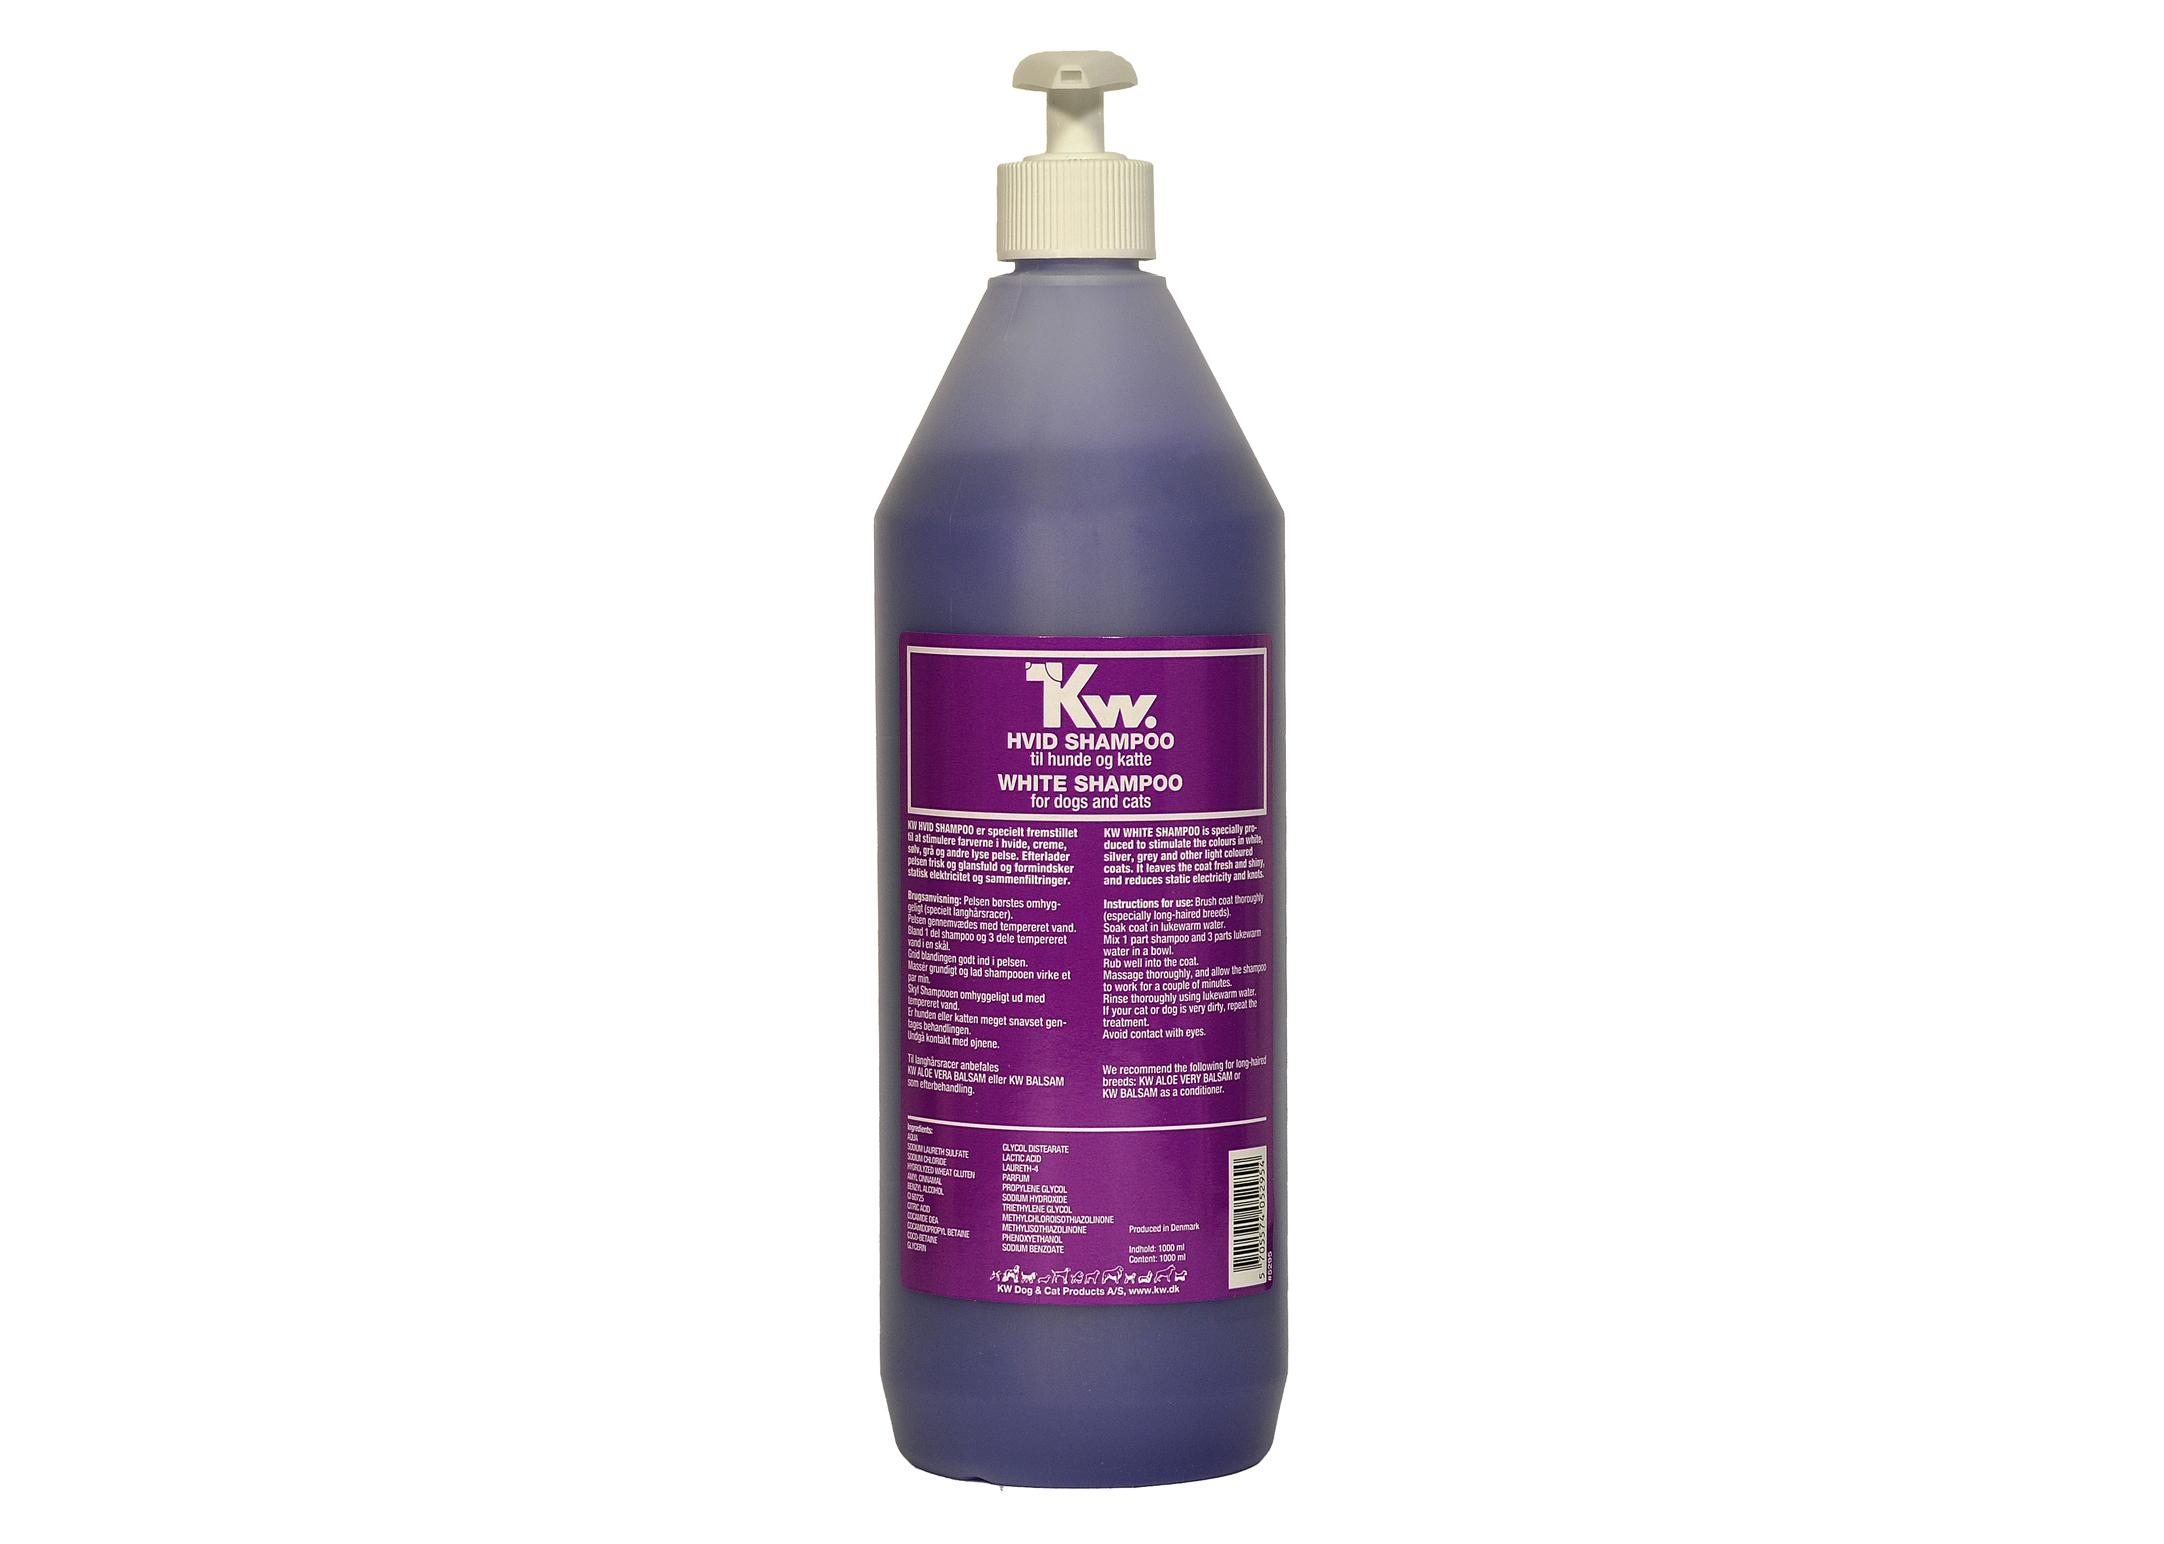 KW White Shampoo 1L